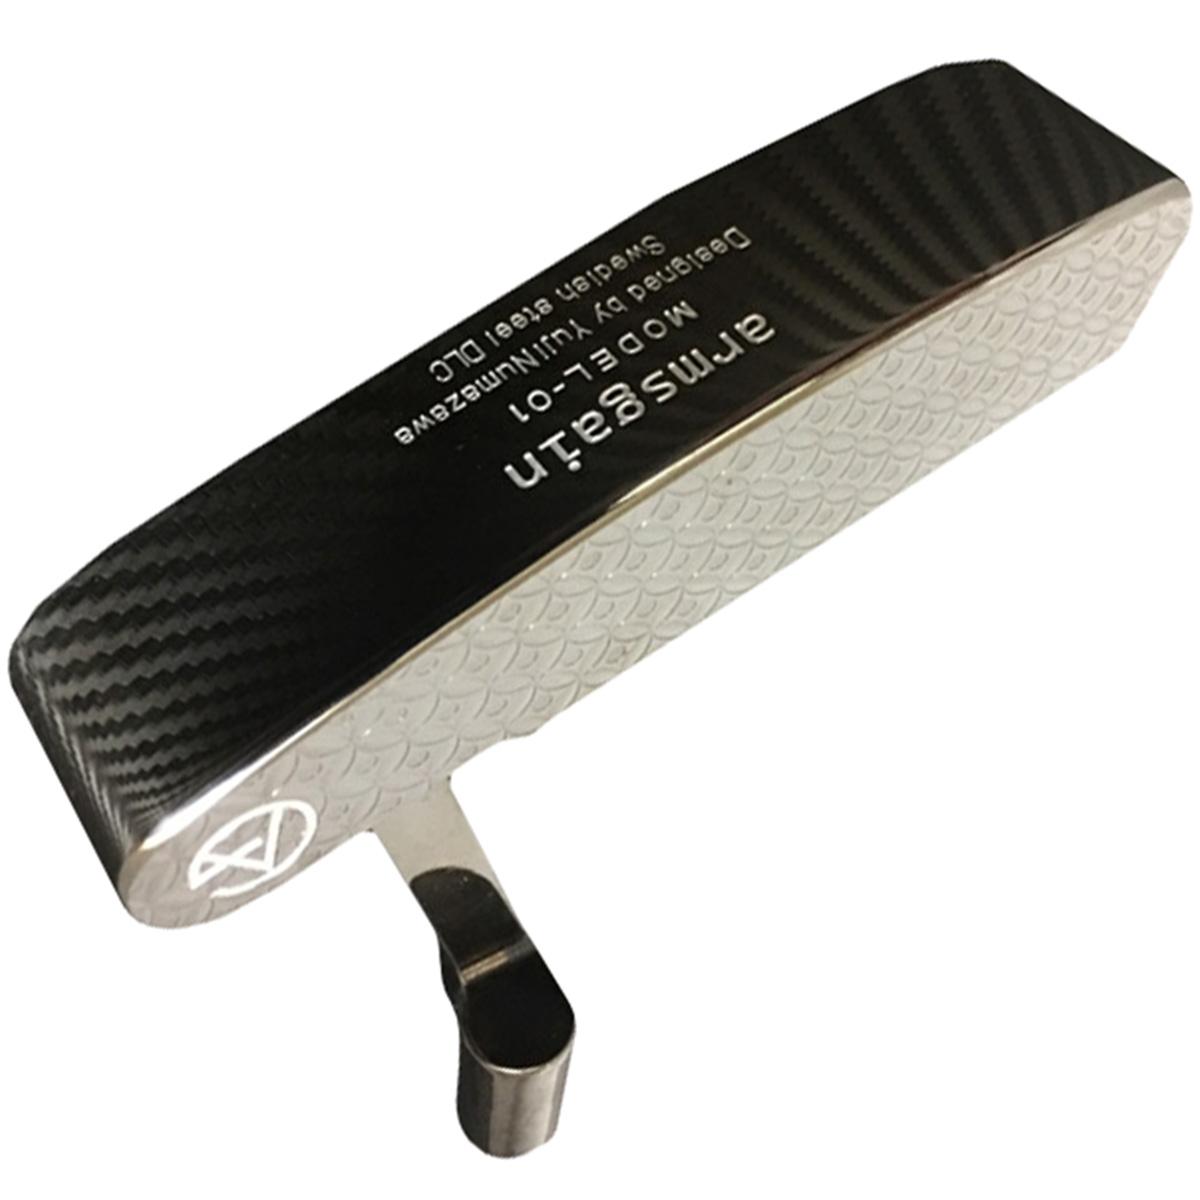 Model-01 パター 響スティール ブラックダイヤモンドライクカーボンコーティングモデル